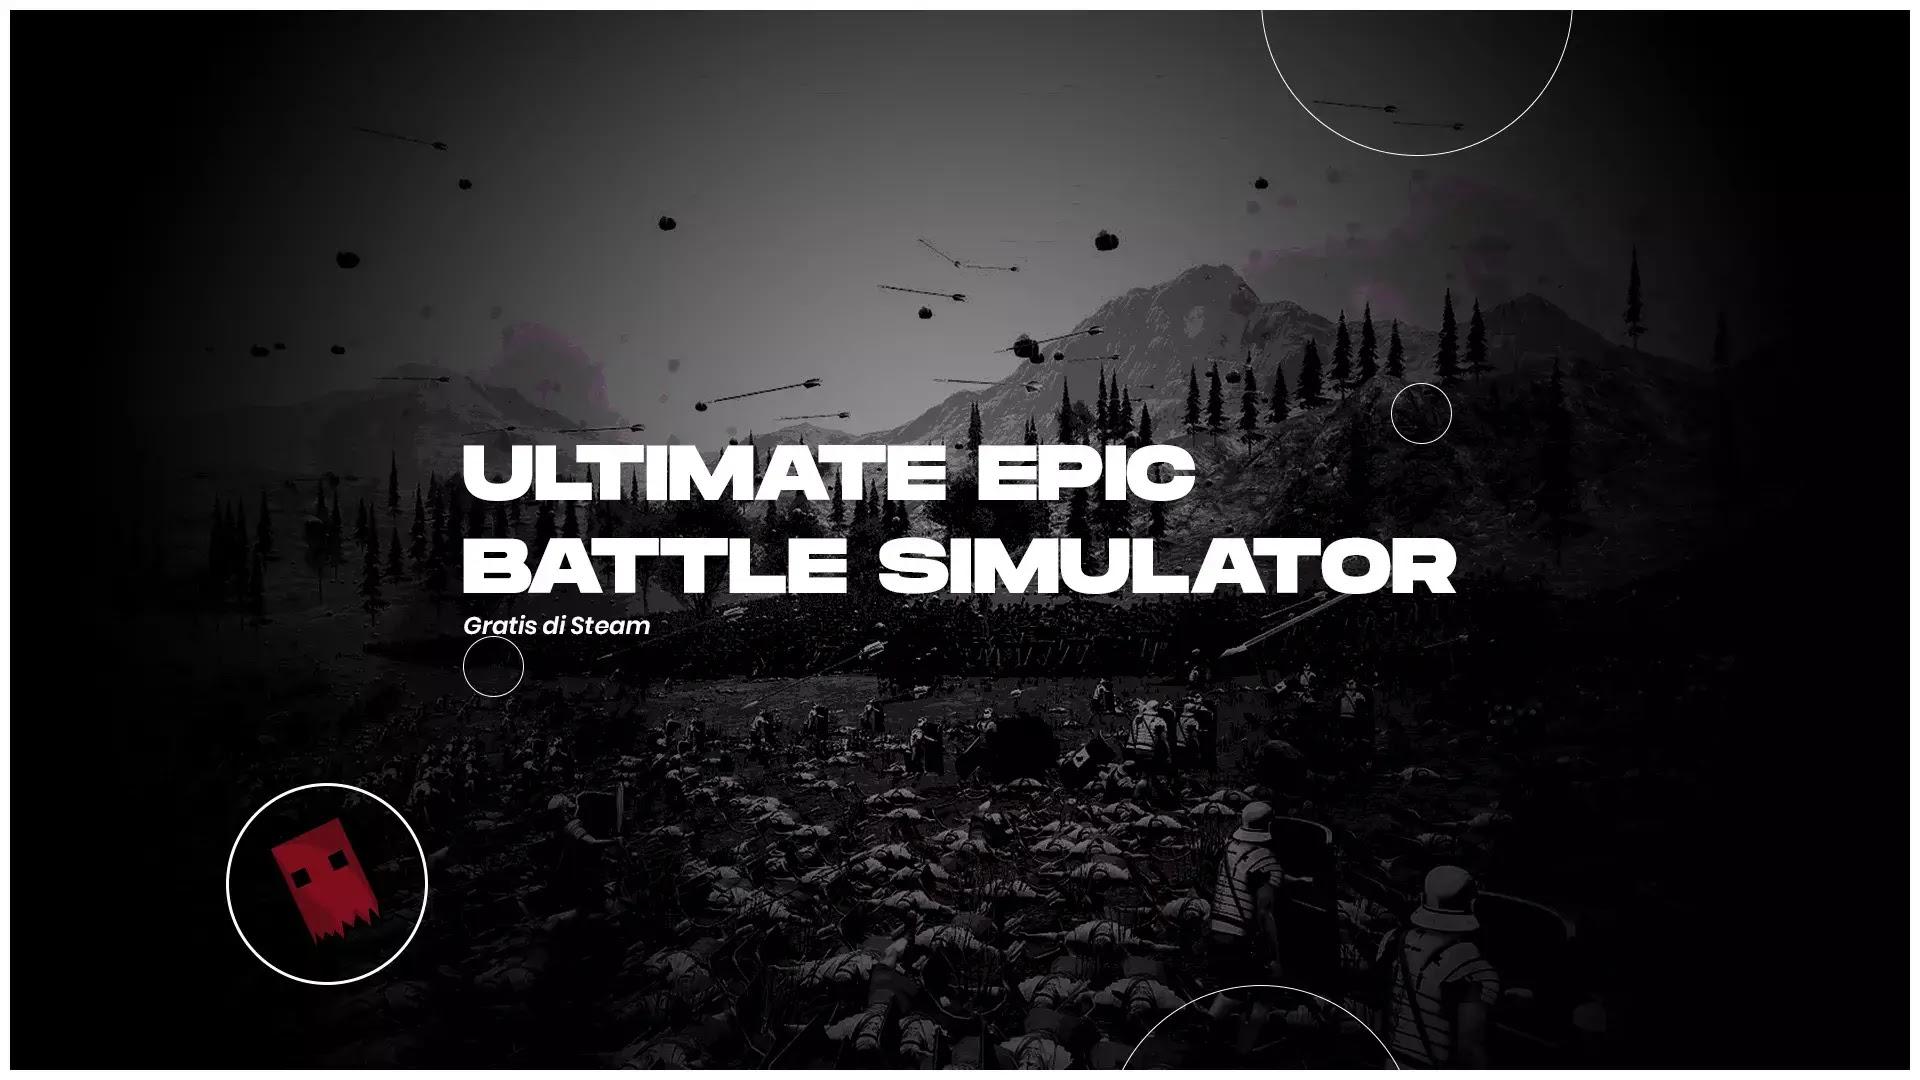 Ultimate Epic Battle Simulator Gratis di Steam